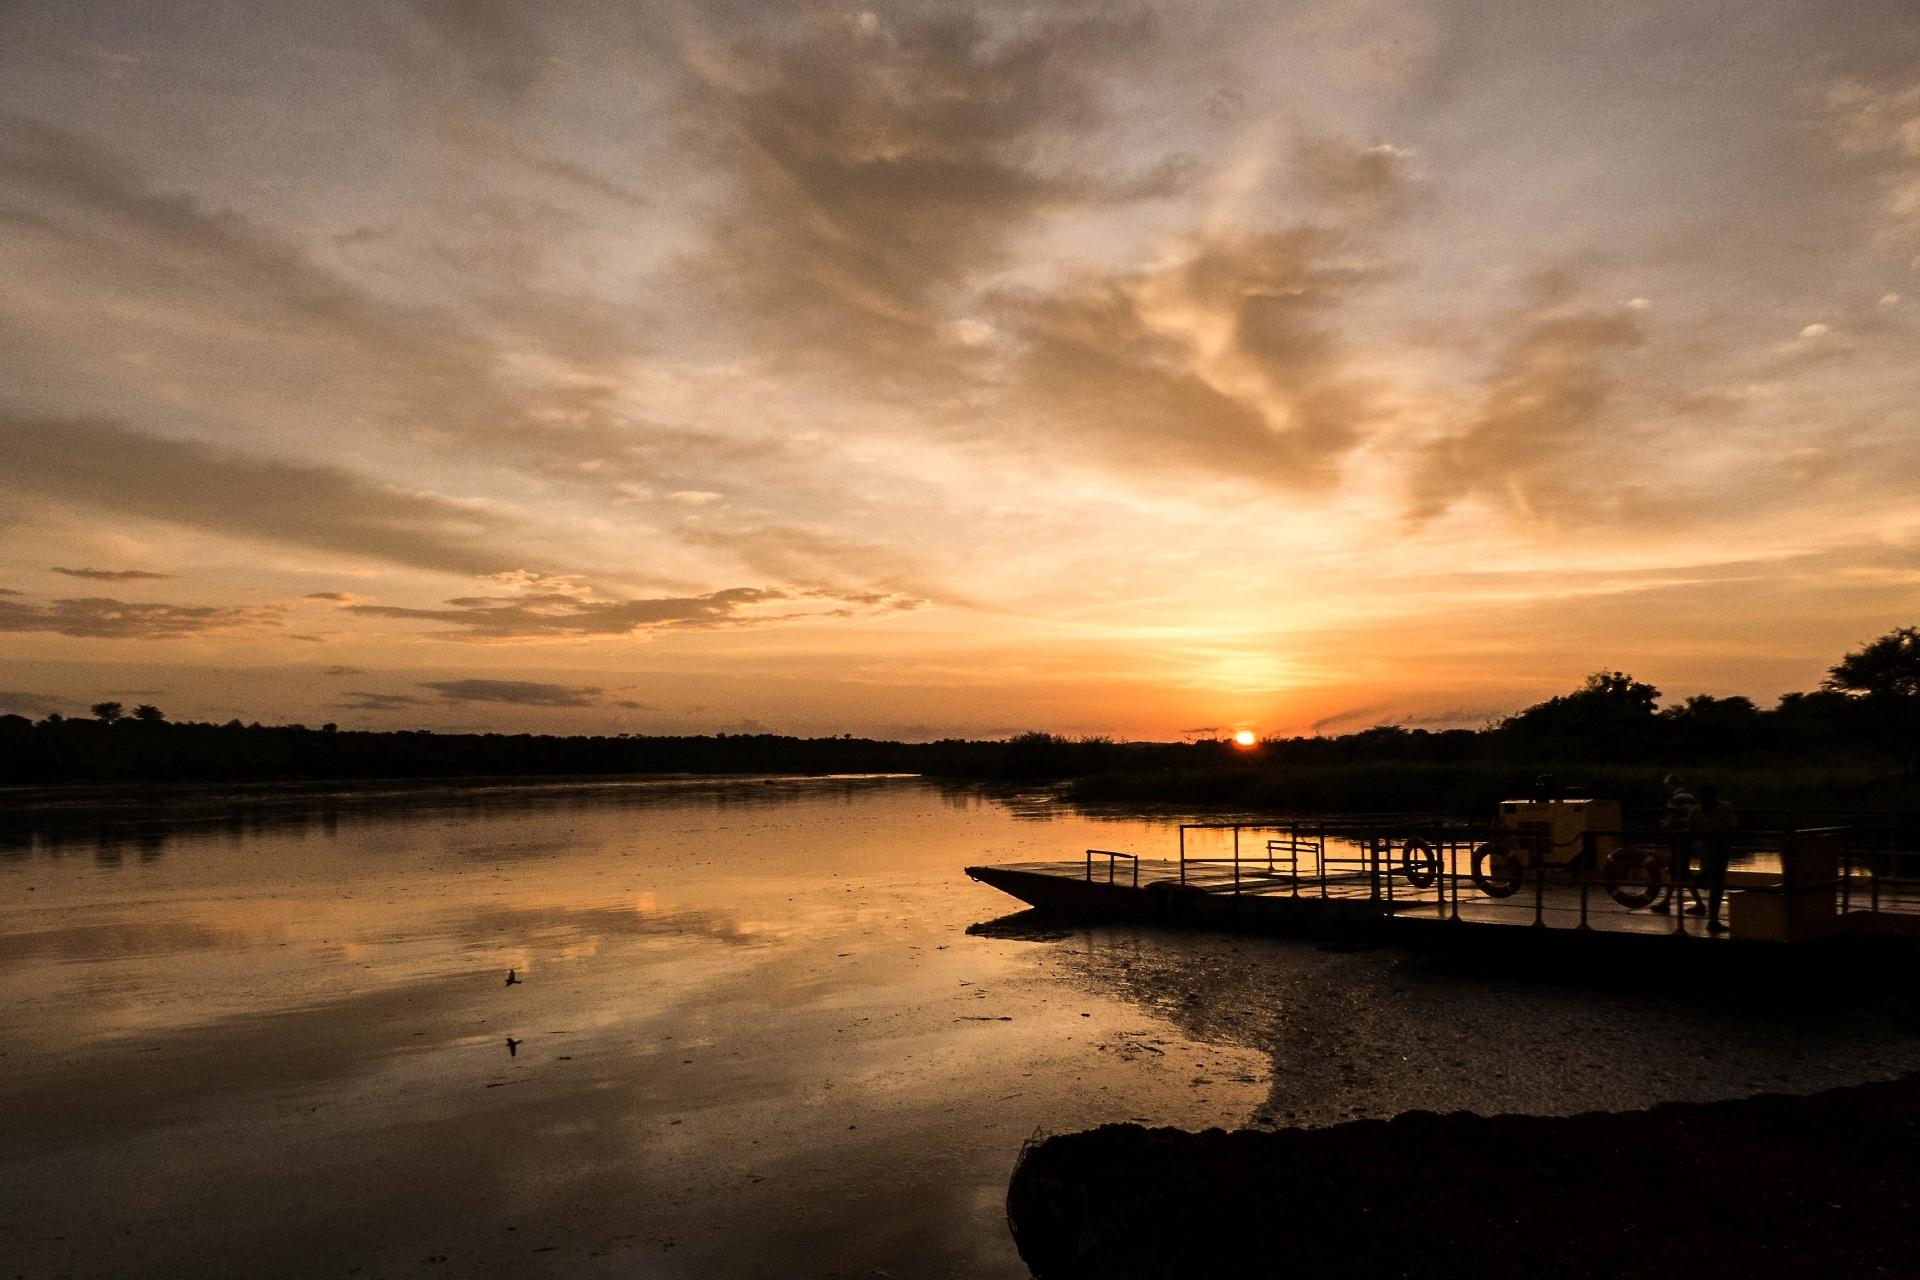 ナイル川の日の出 ウガンダ